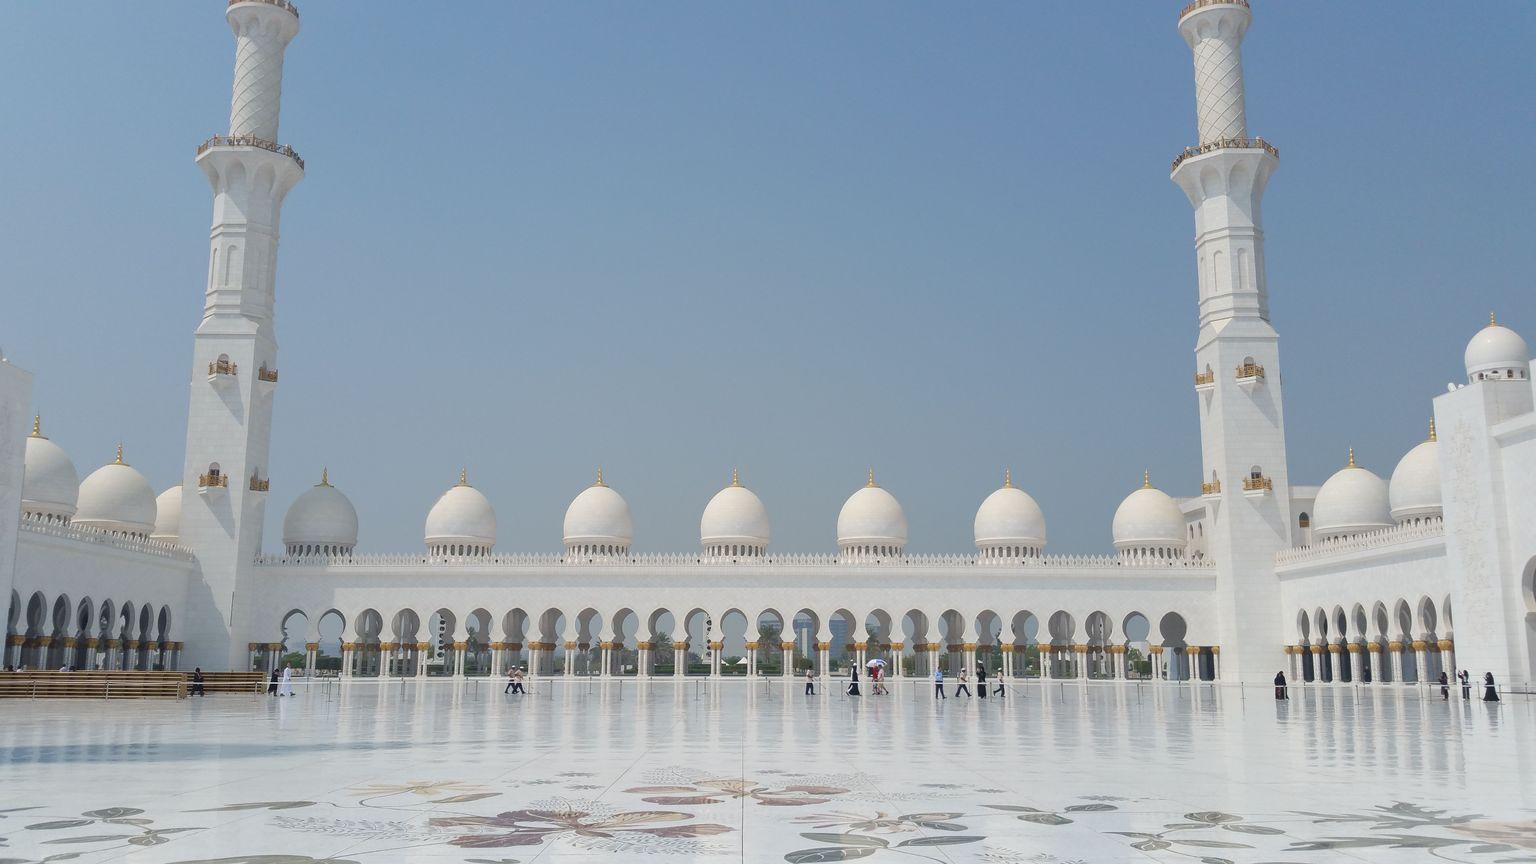 MAIS FOTOS, Excursão Panorâmica em Abu Dhabi com Big Bus incluindo Yas Island e Sky Tower